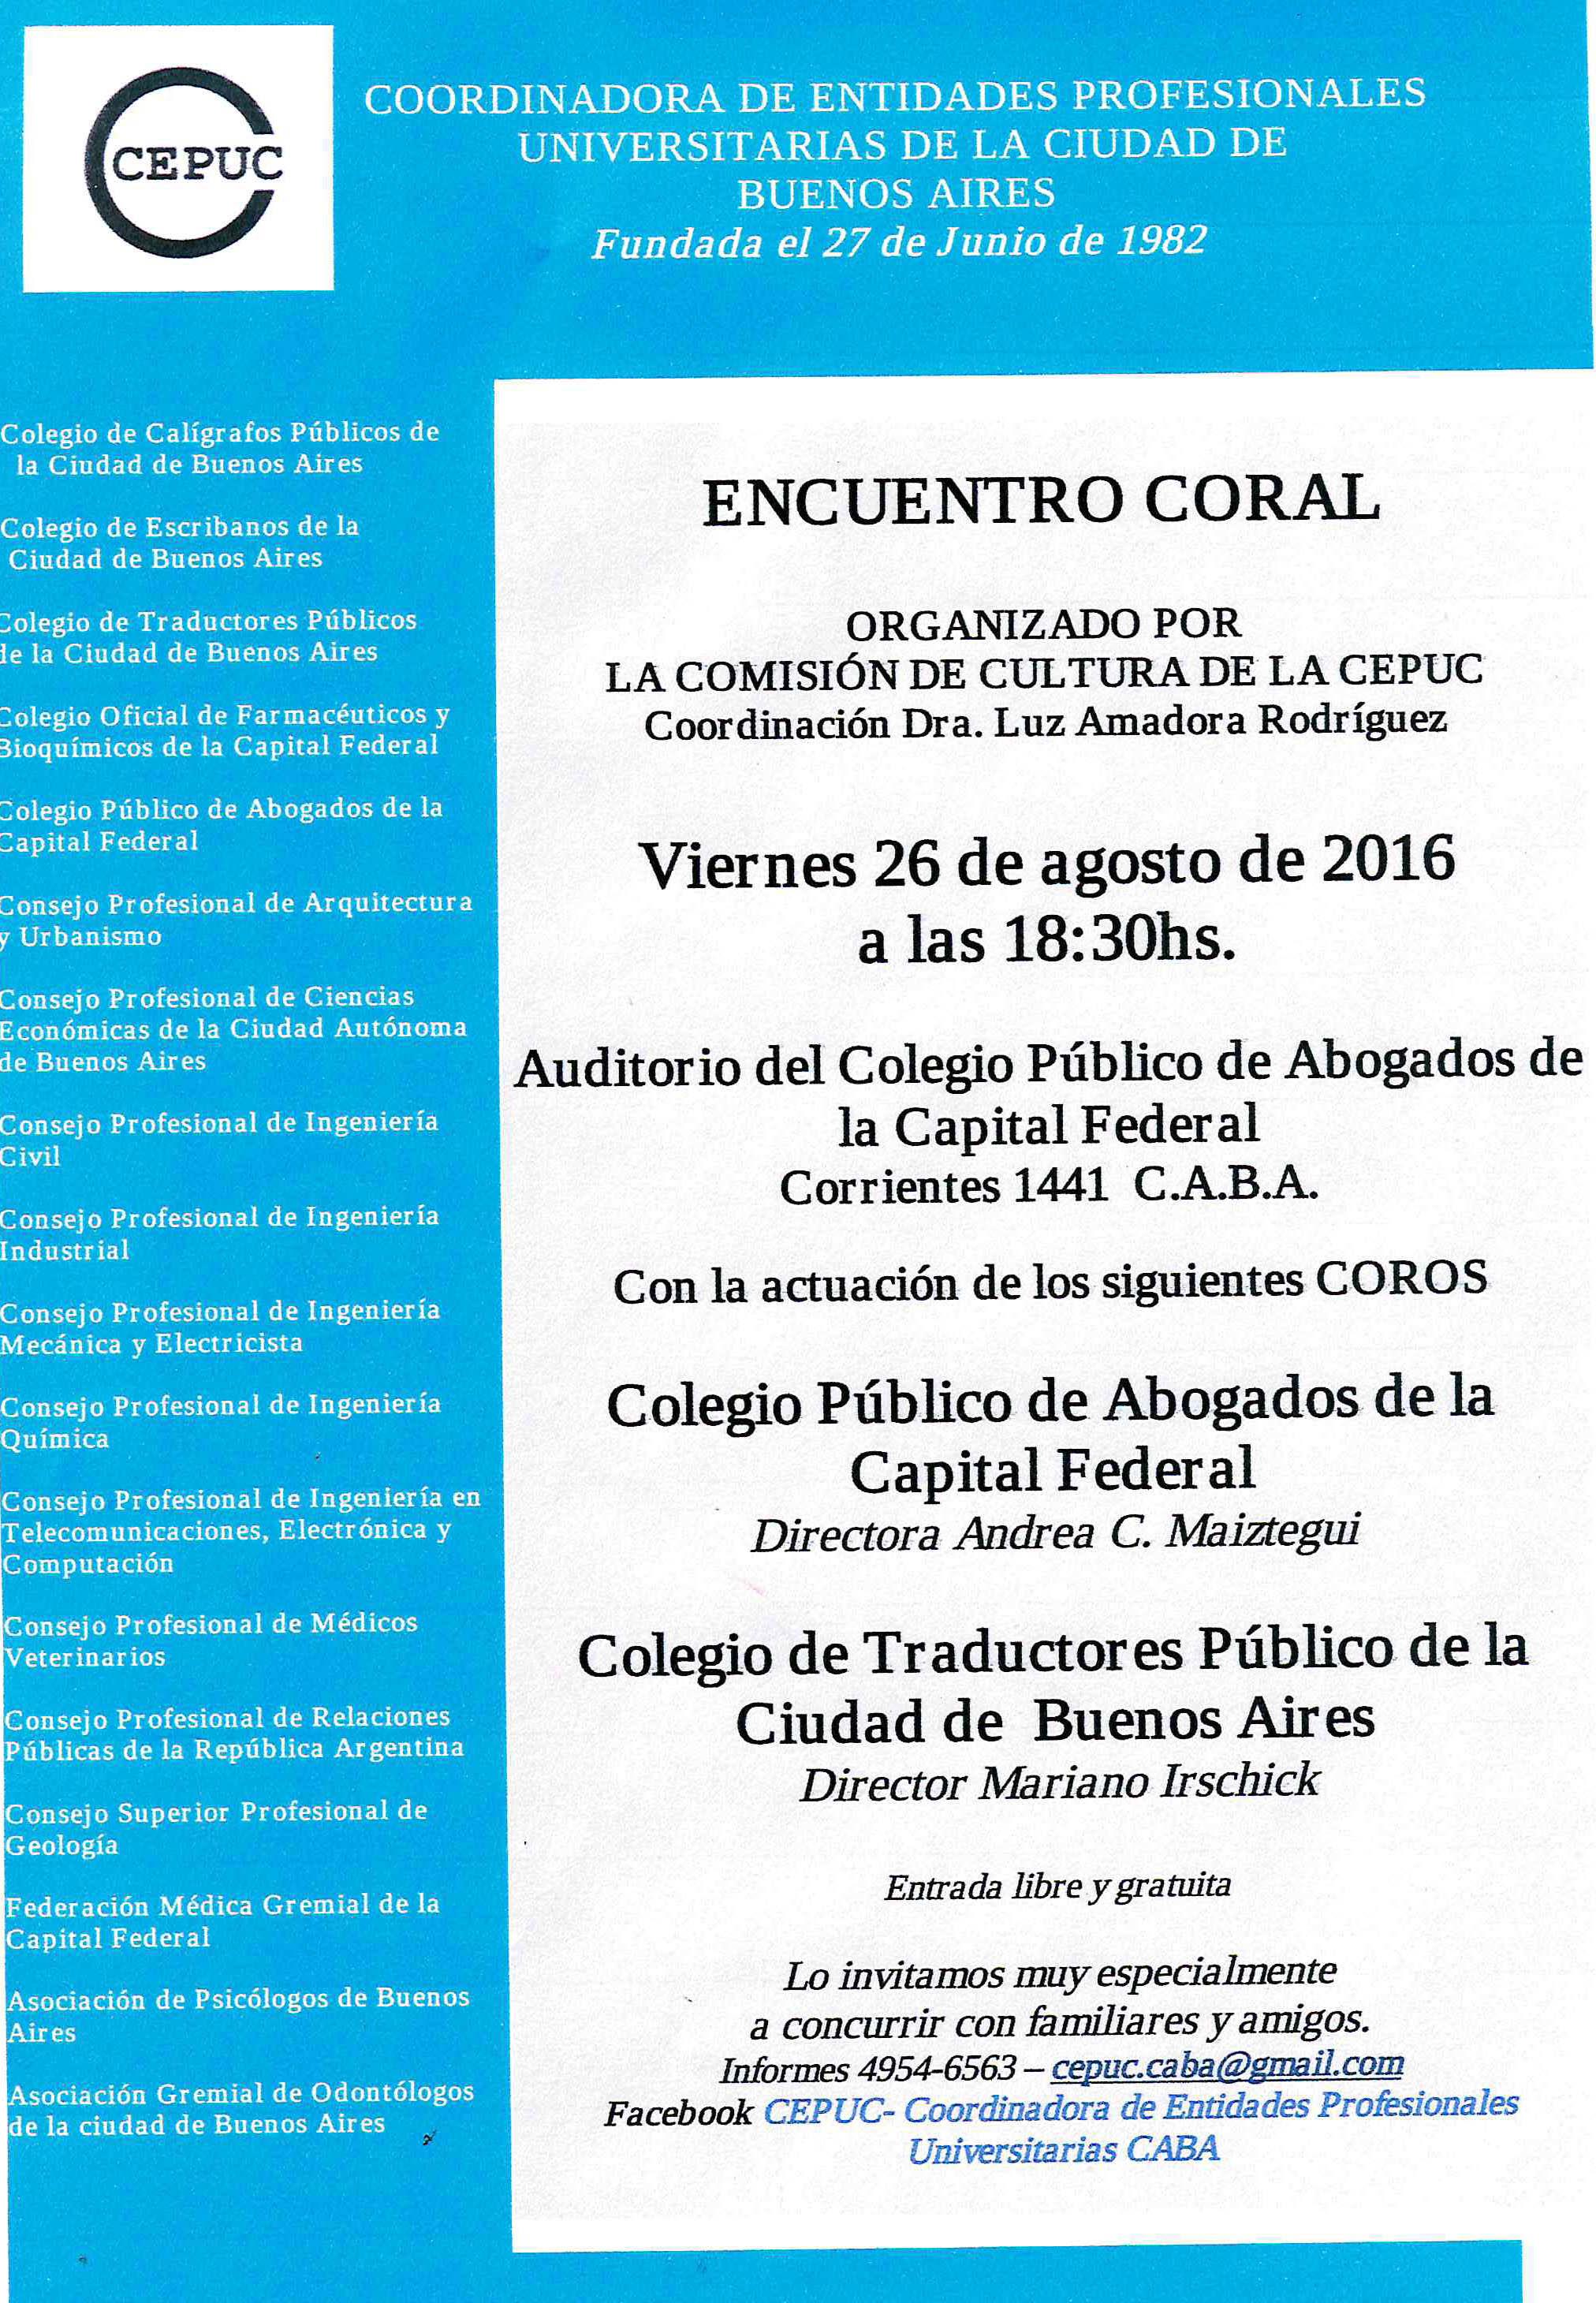 Encuentro coral organizado por la CEPUC